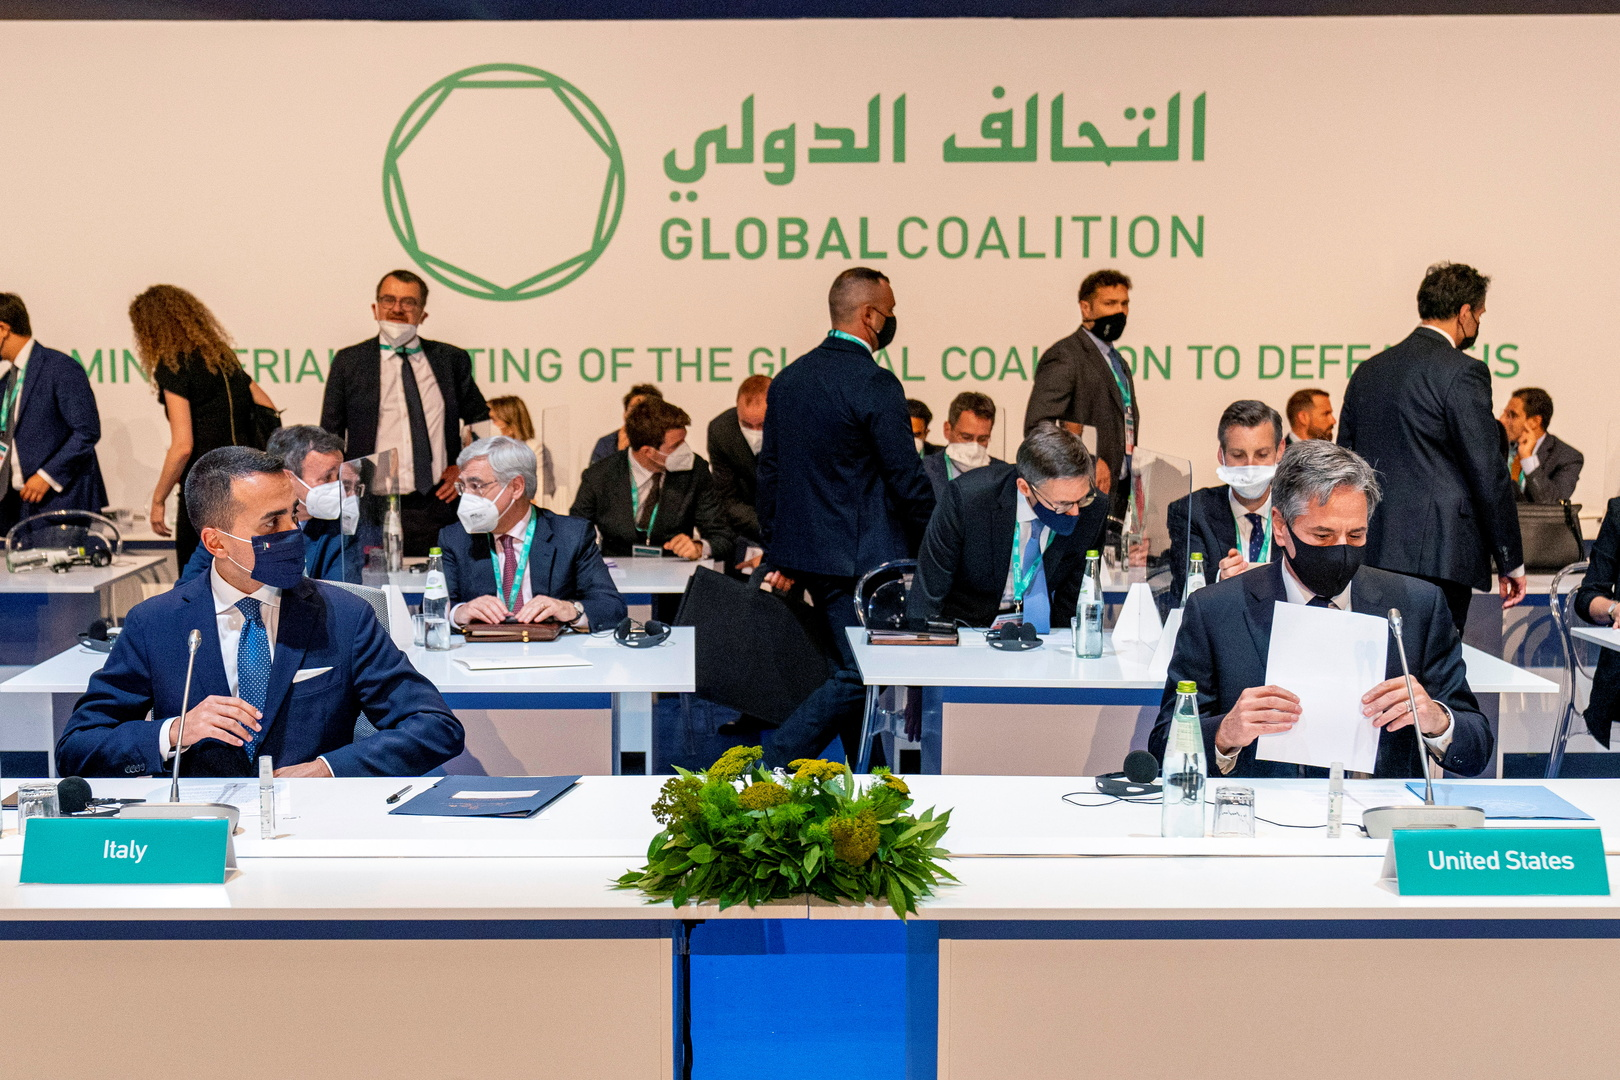 التحالف الدولي يؤكد عزمه على مواصلة القتال ضد